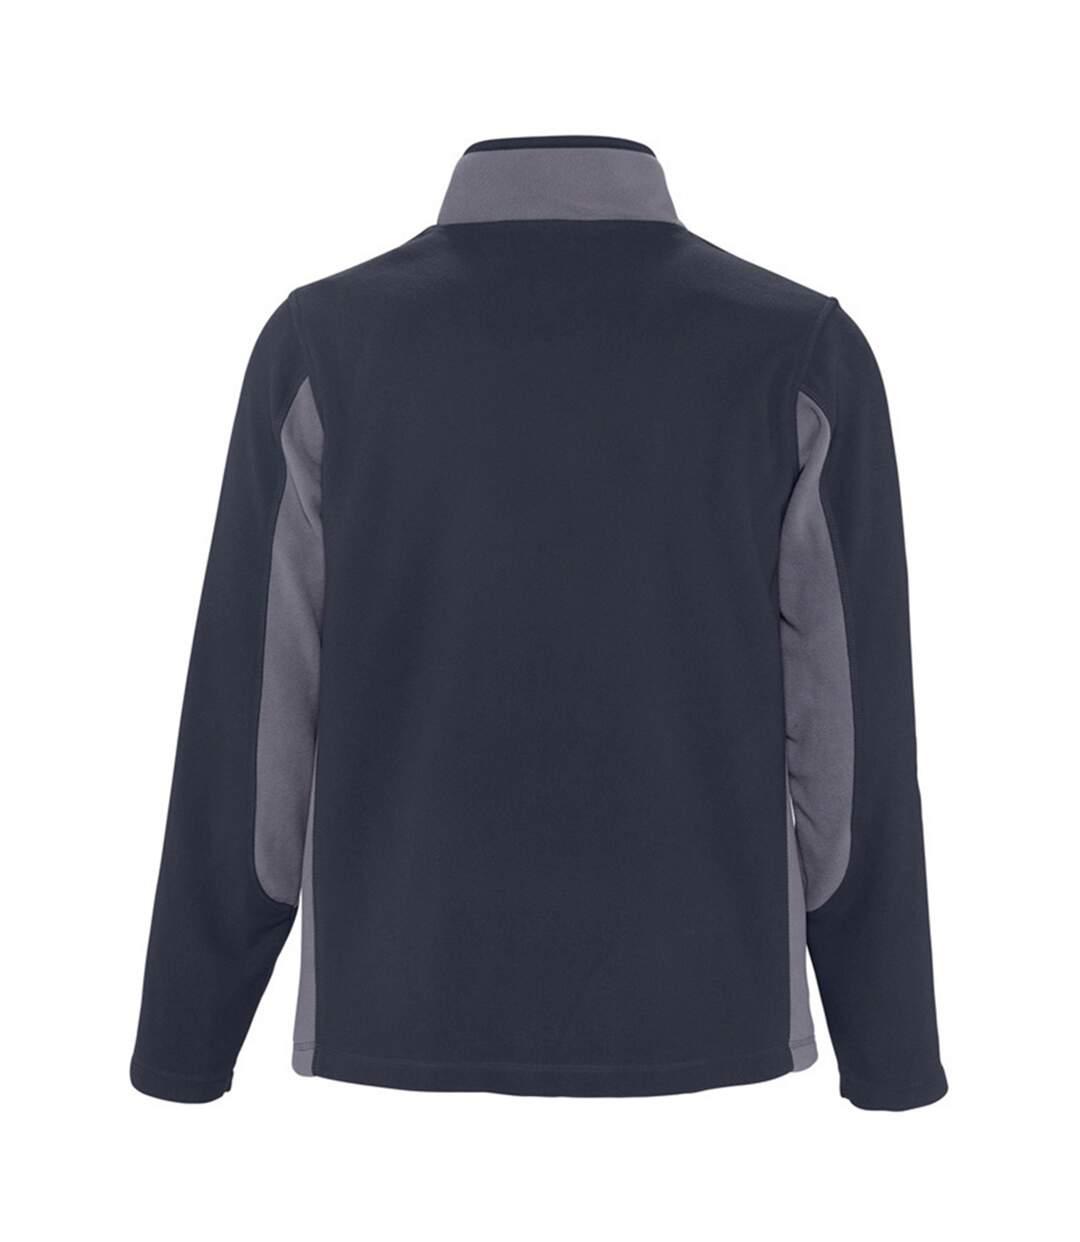 SOLS Mens Nordic Full Zip Contrast Fleece Jacket (Navy/Medium Grey) - UTPC409